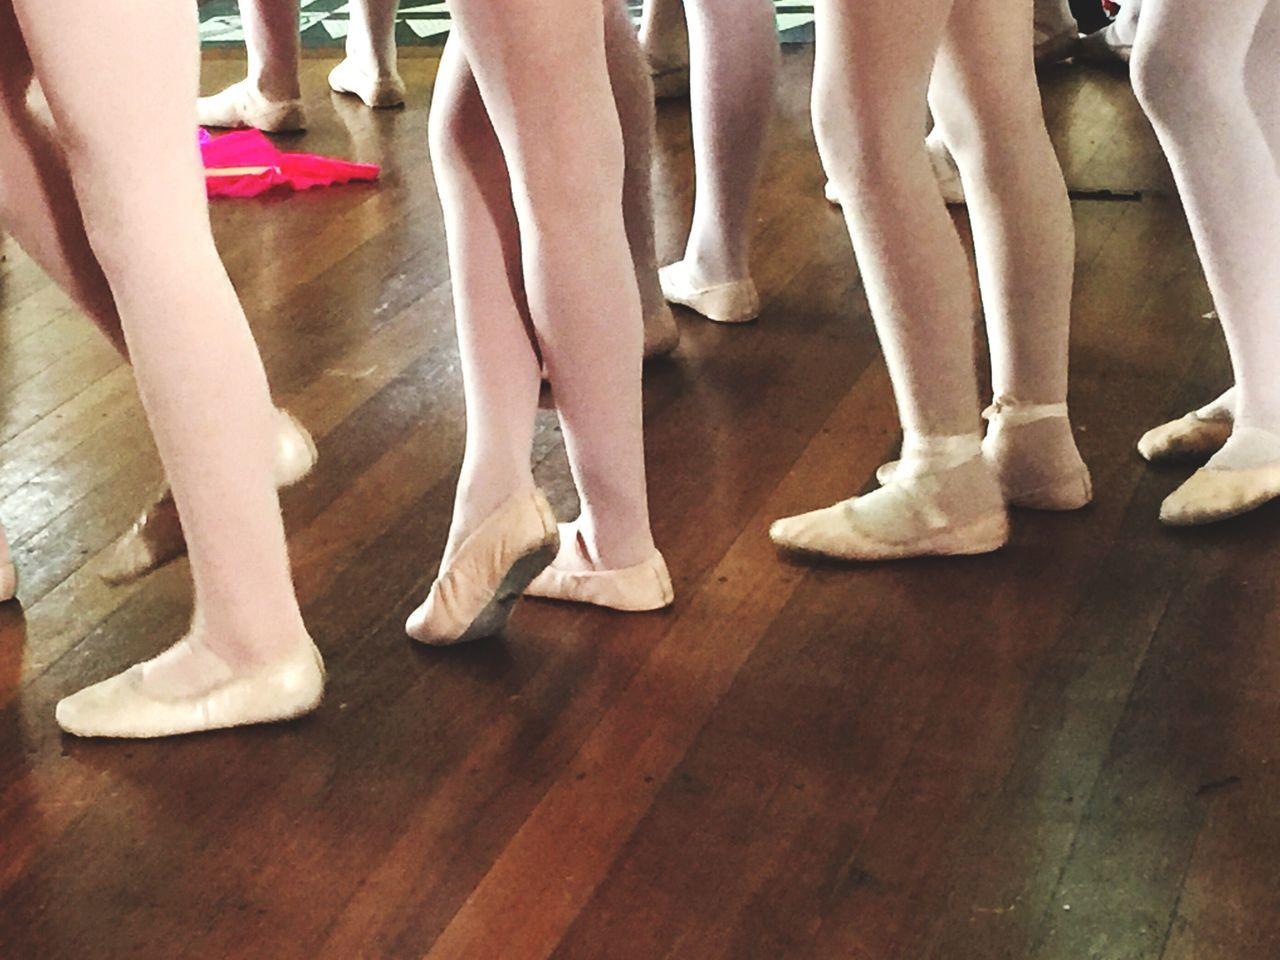 Ballet Dancer Ballet Dancers Ballet ❤ Waiting To Perform Ballet Shoes